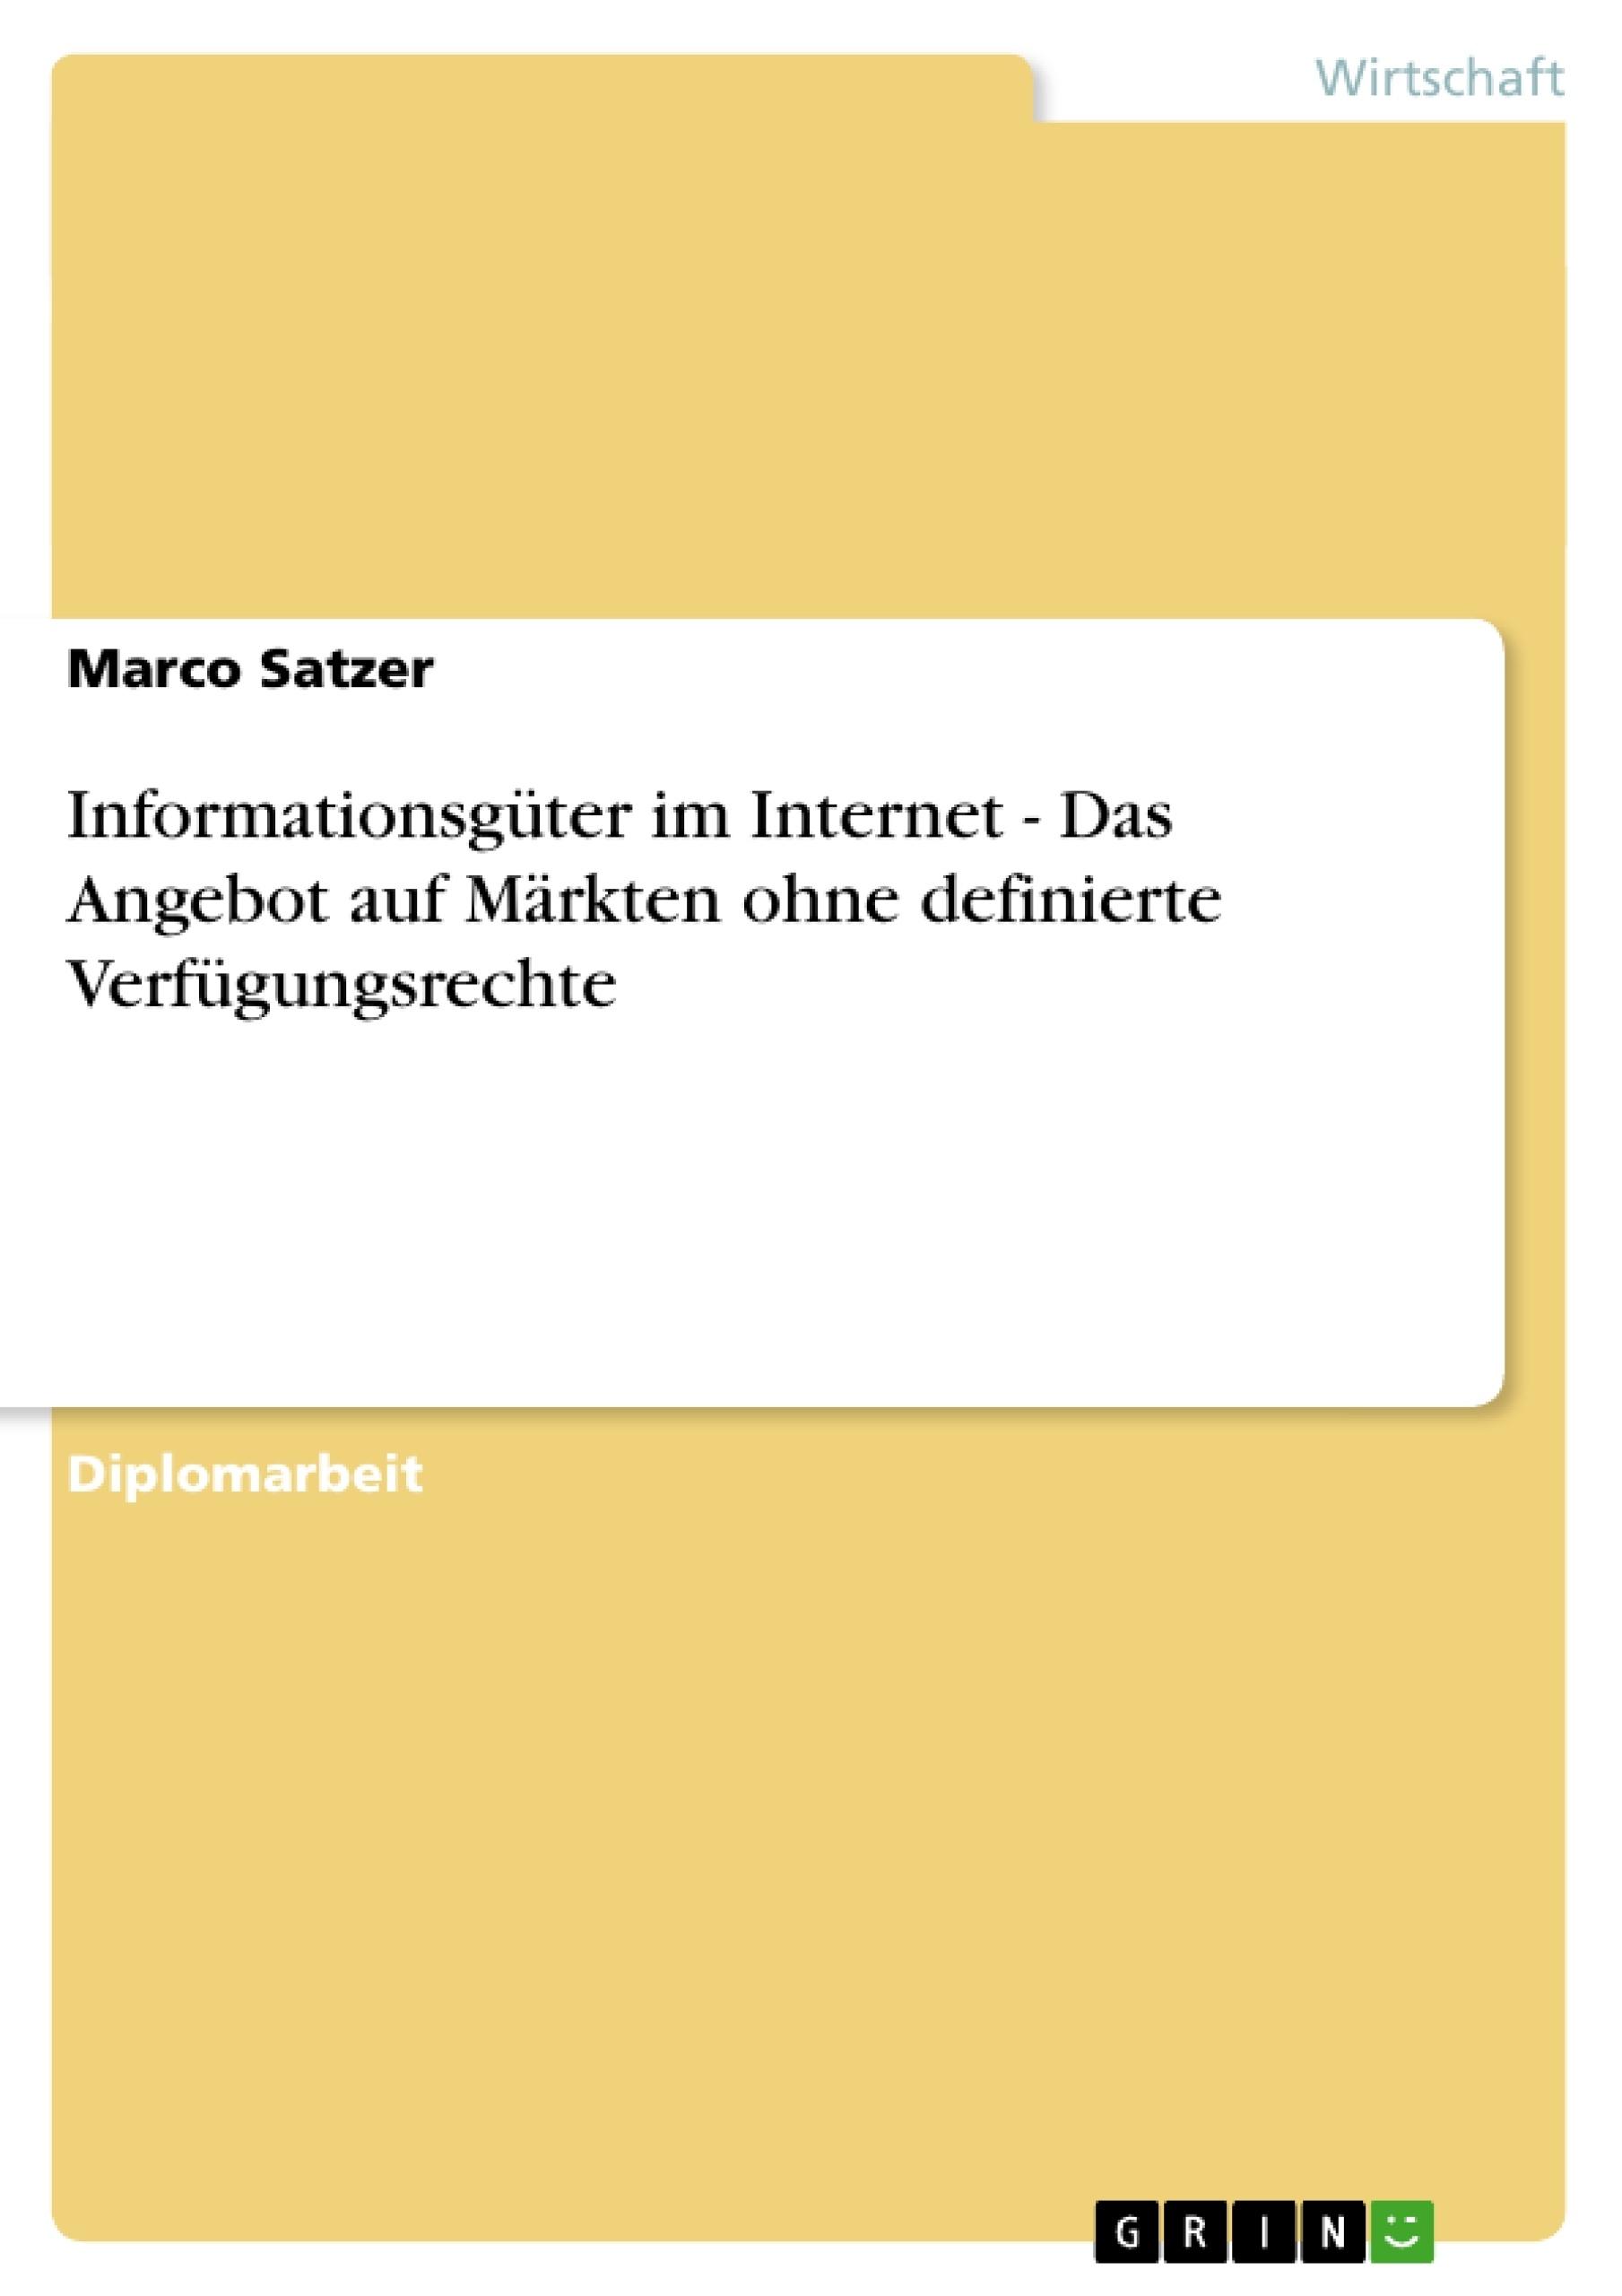 Titel: Informationsgüter im Internet - Das Angebot auf Märkten ohne definierte Verfügungsrechte